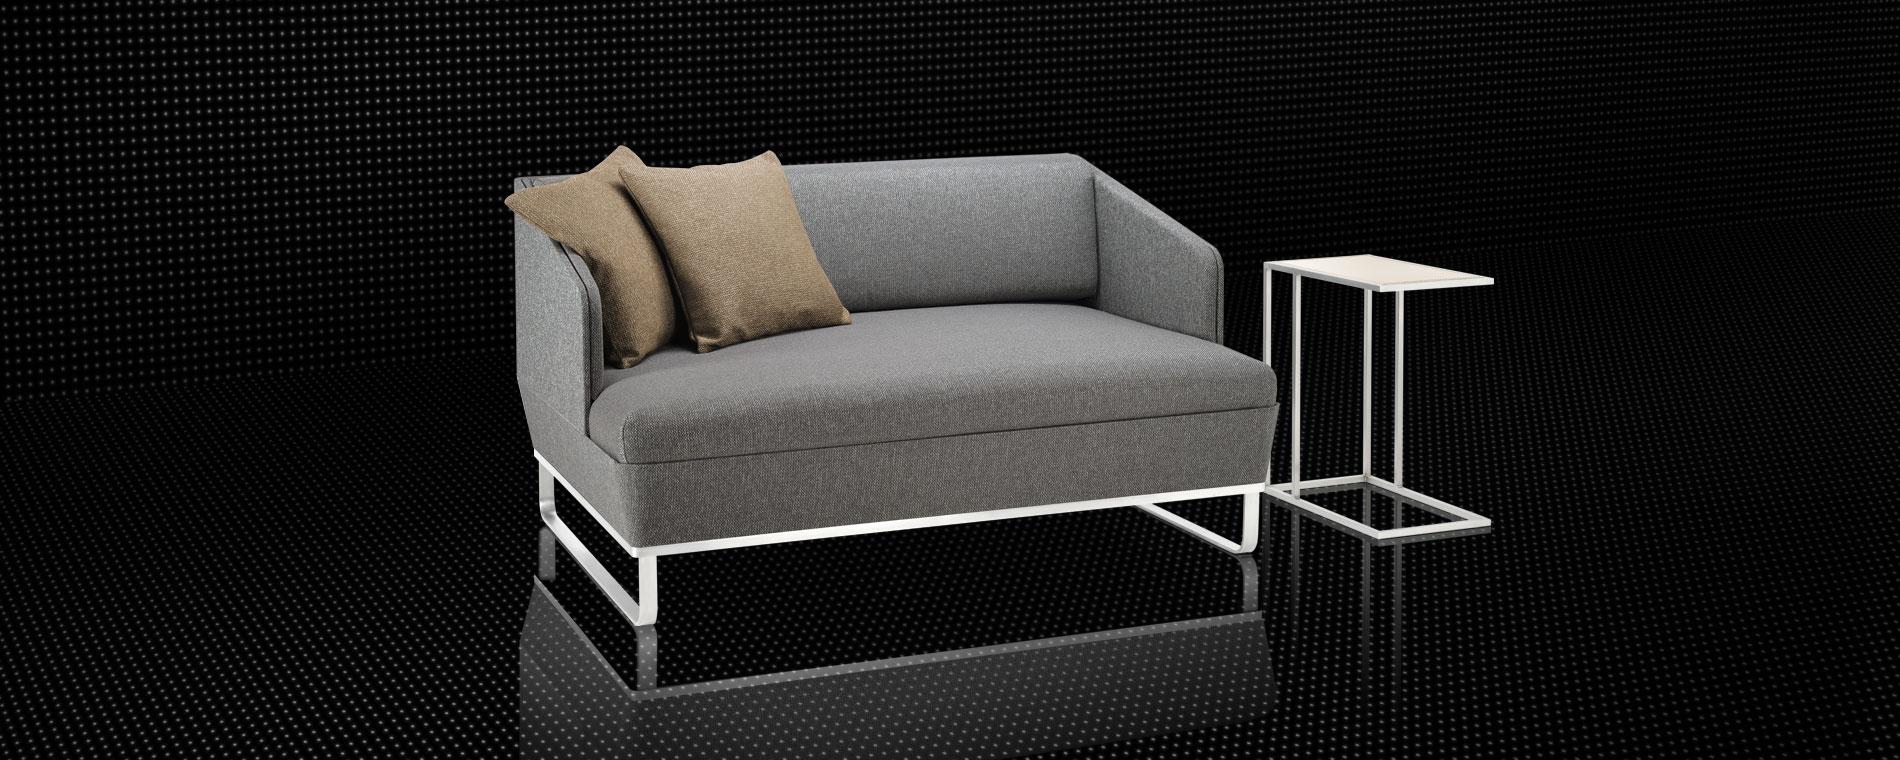 Das kompakte Schlafsofa Duetto-Deluxe von Swiss Plus in grau mit einem Clubtisch.